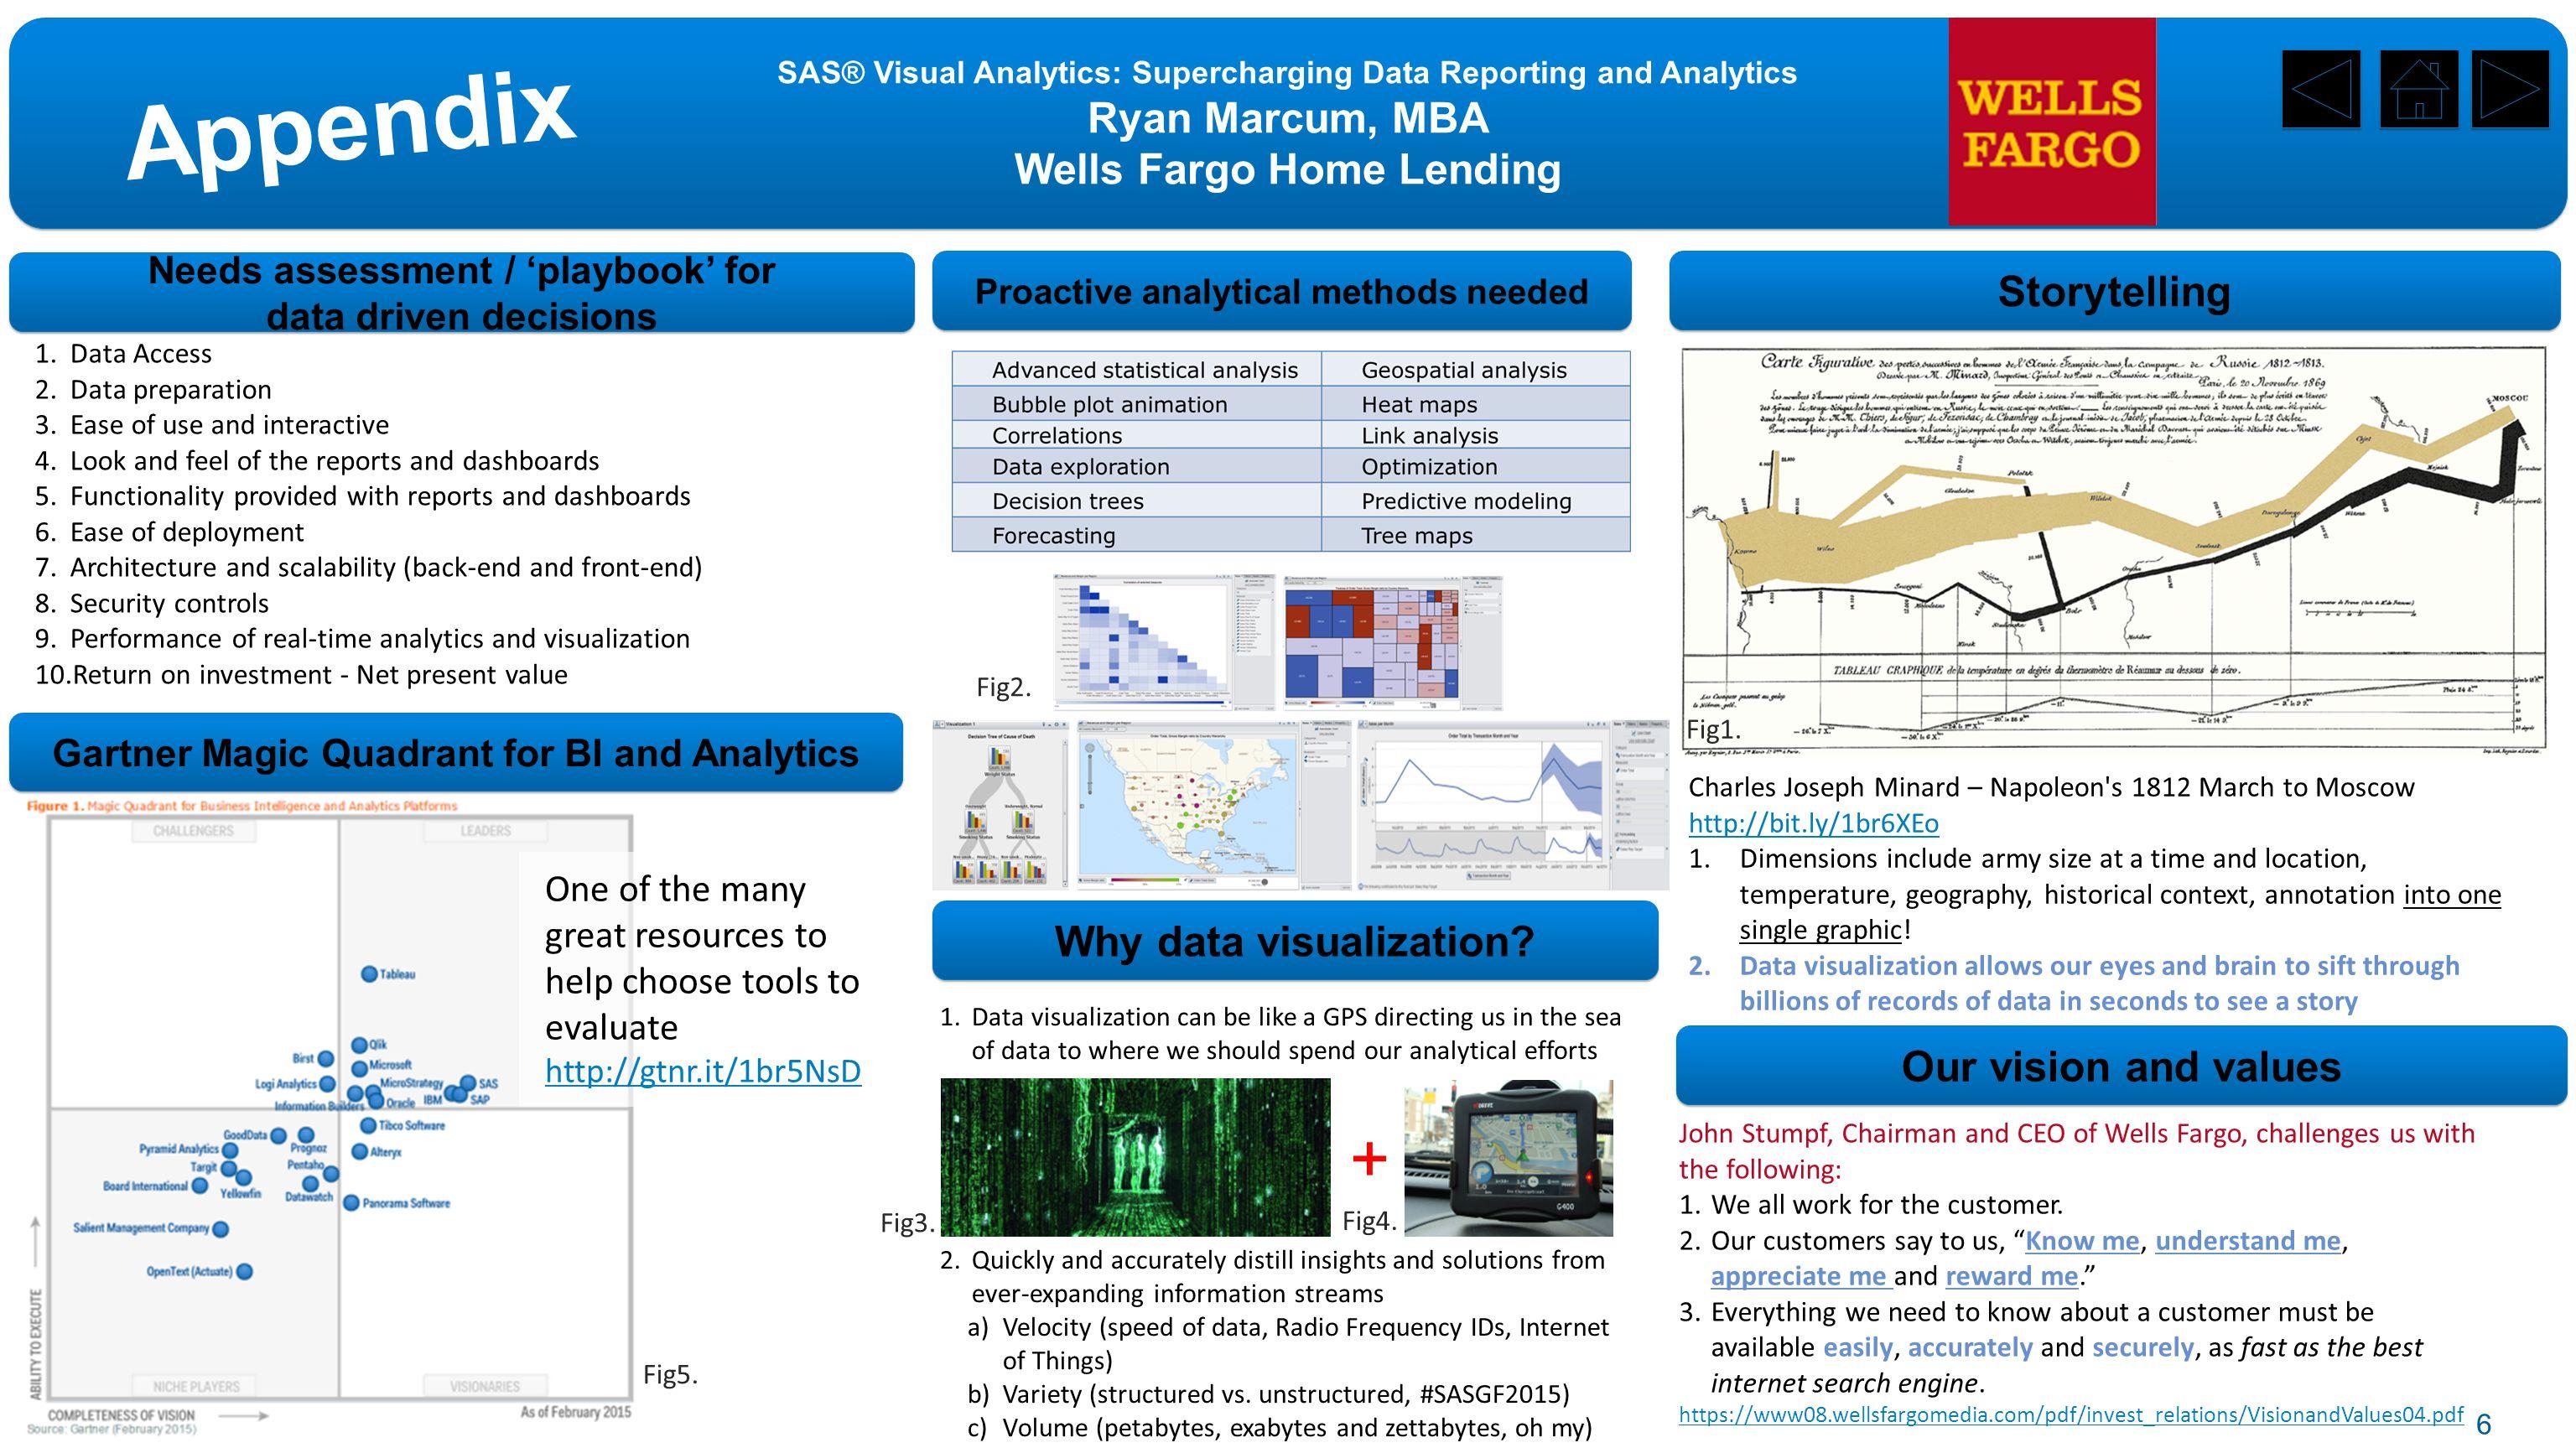 SAS® Visual Analytics: Supercharging Data Reporting and Analytics